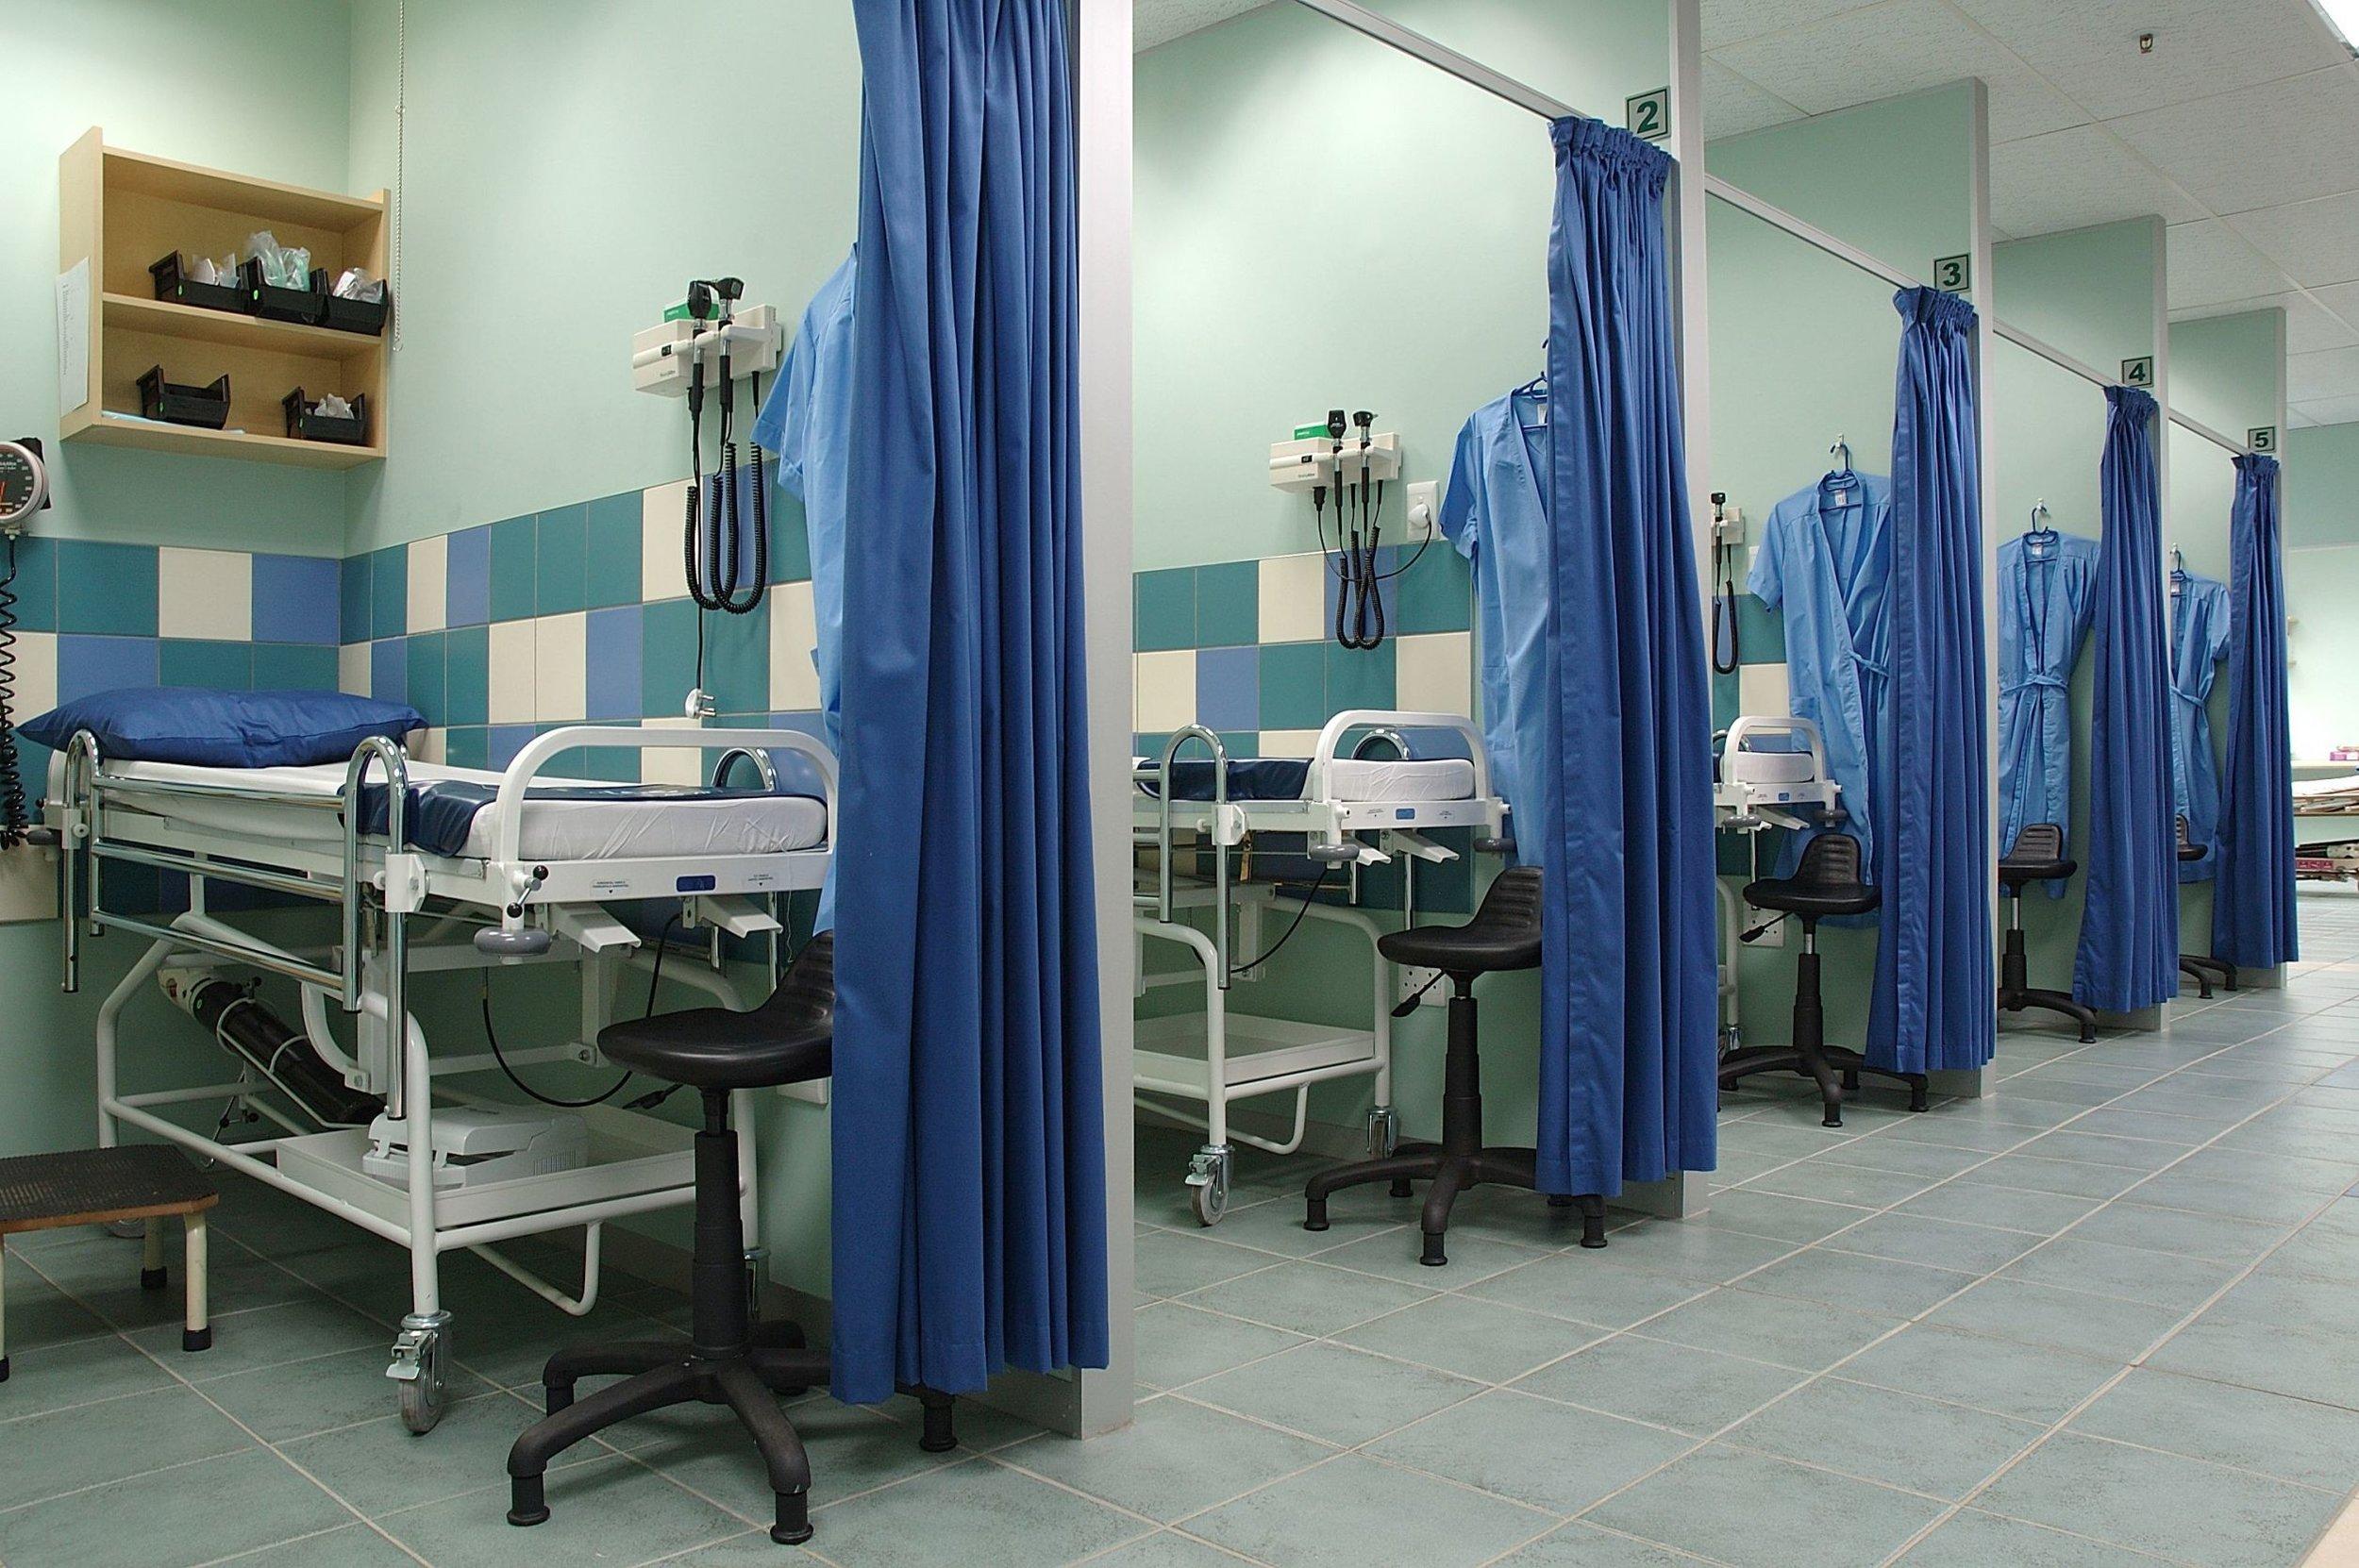 007596890_Equiped hospital room.jpg